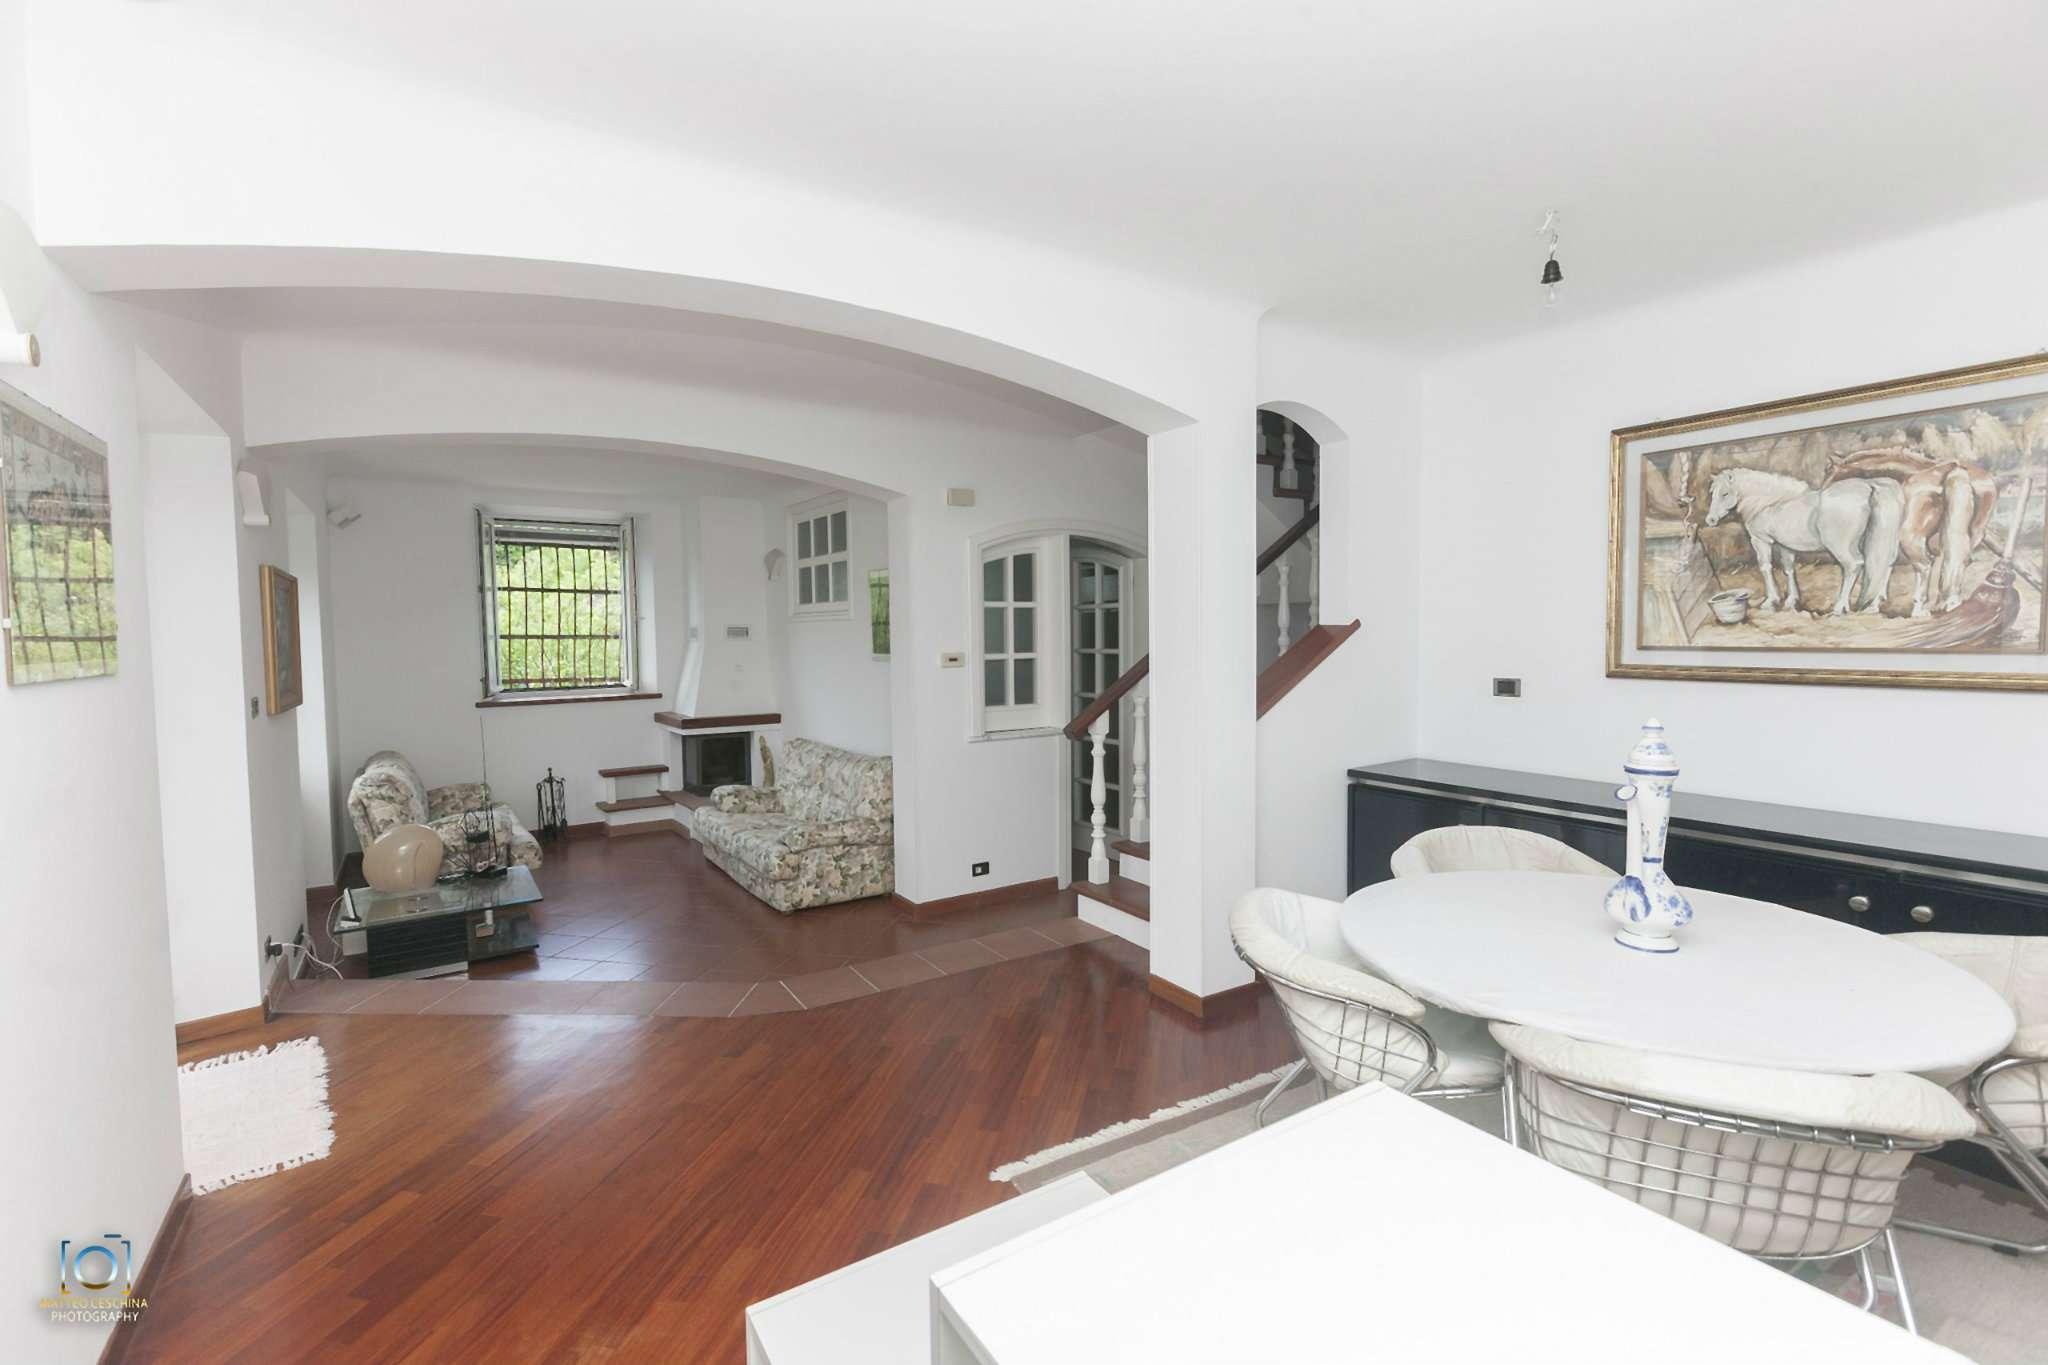 Soluzione Semindipendente in vendita a Mignanego, 8 locali, prezzo € 145.000 | PortaleAgenzieImmobiliari.it